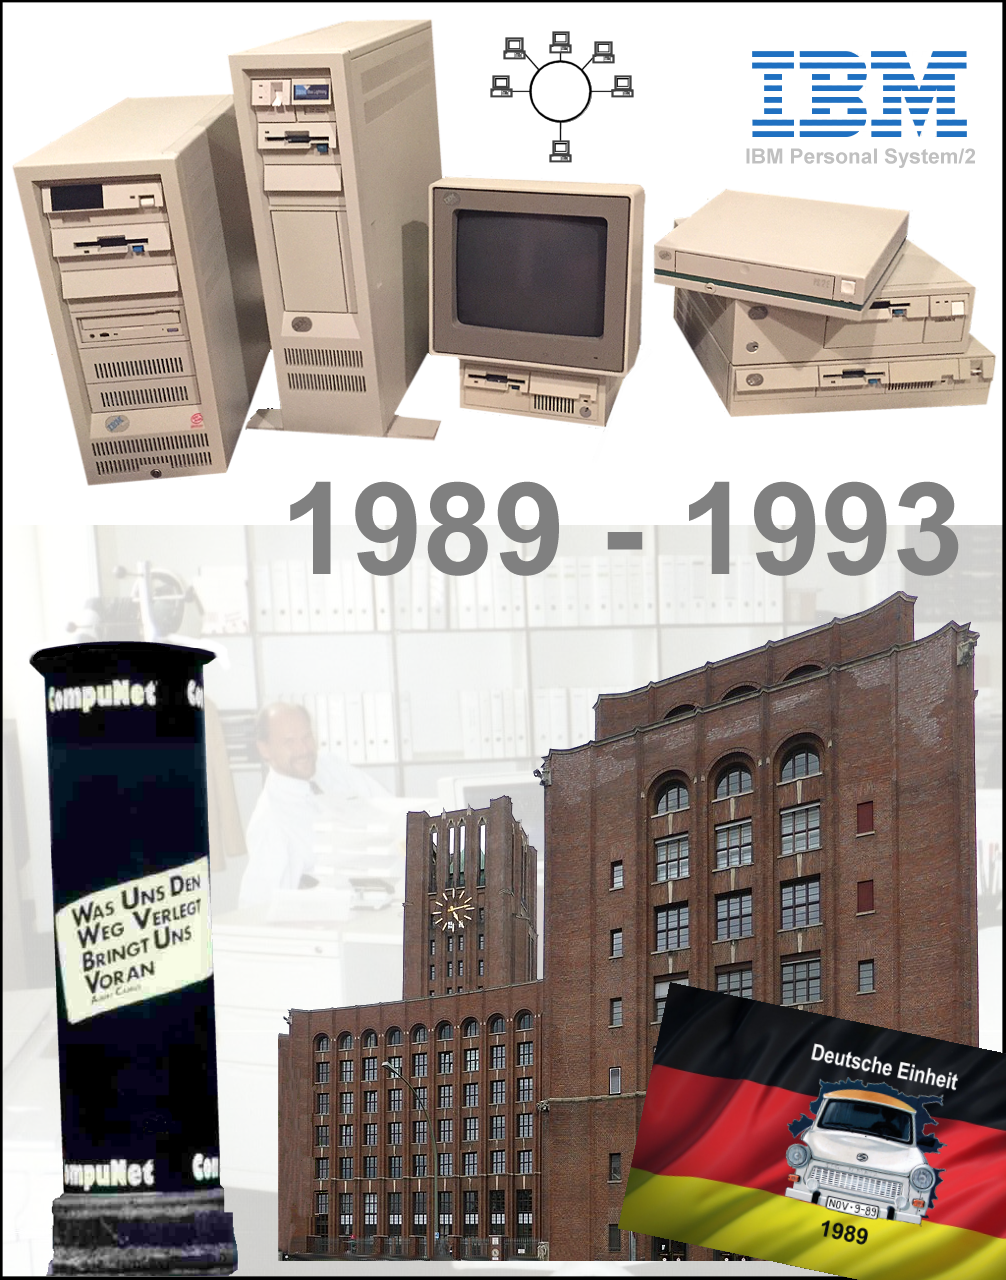 CompuNet 1989 bis 1993 - der vernetzte Arbeitsplatz